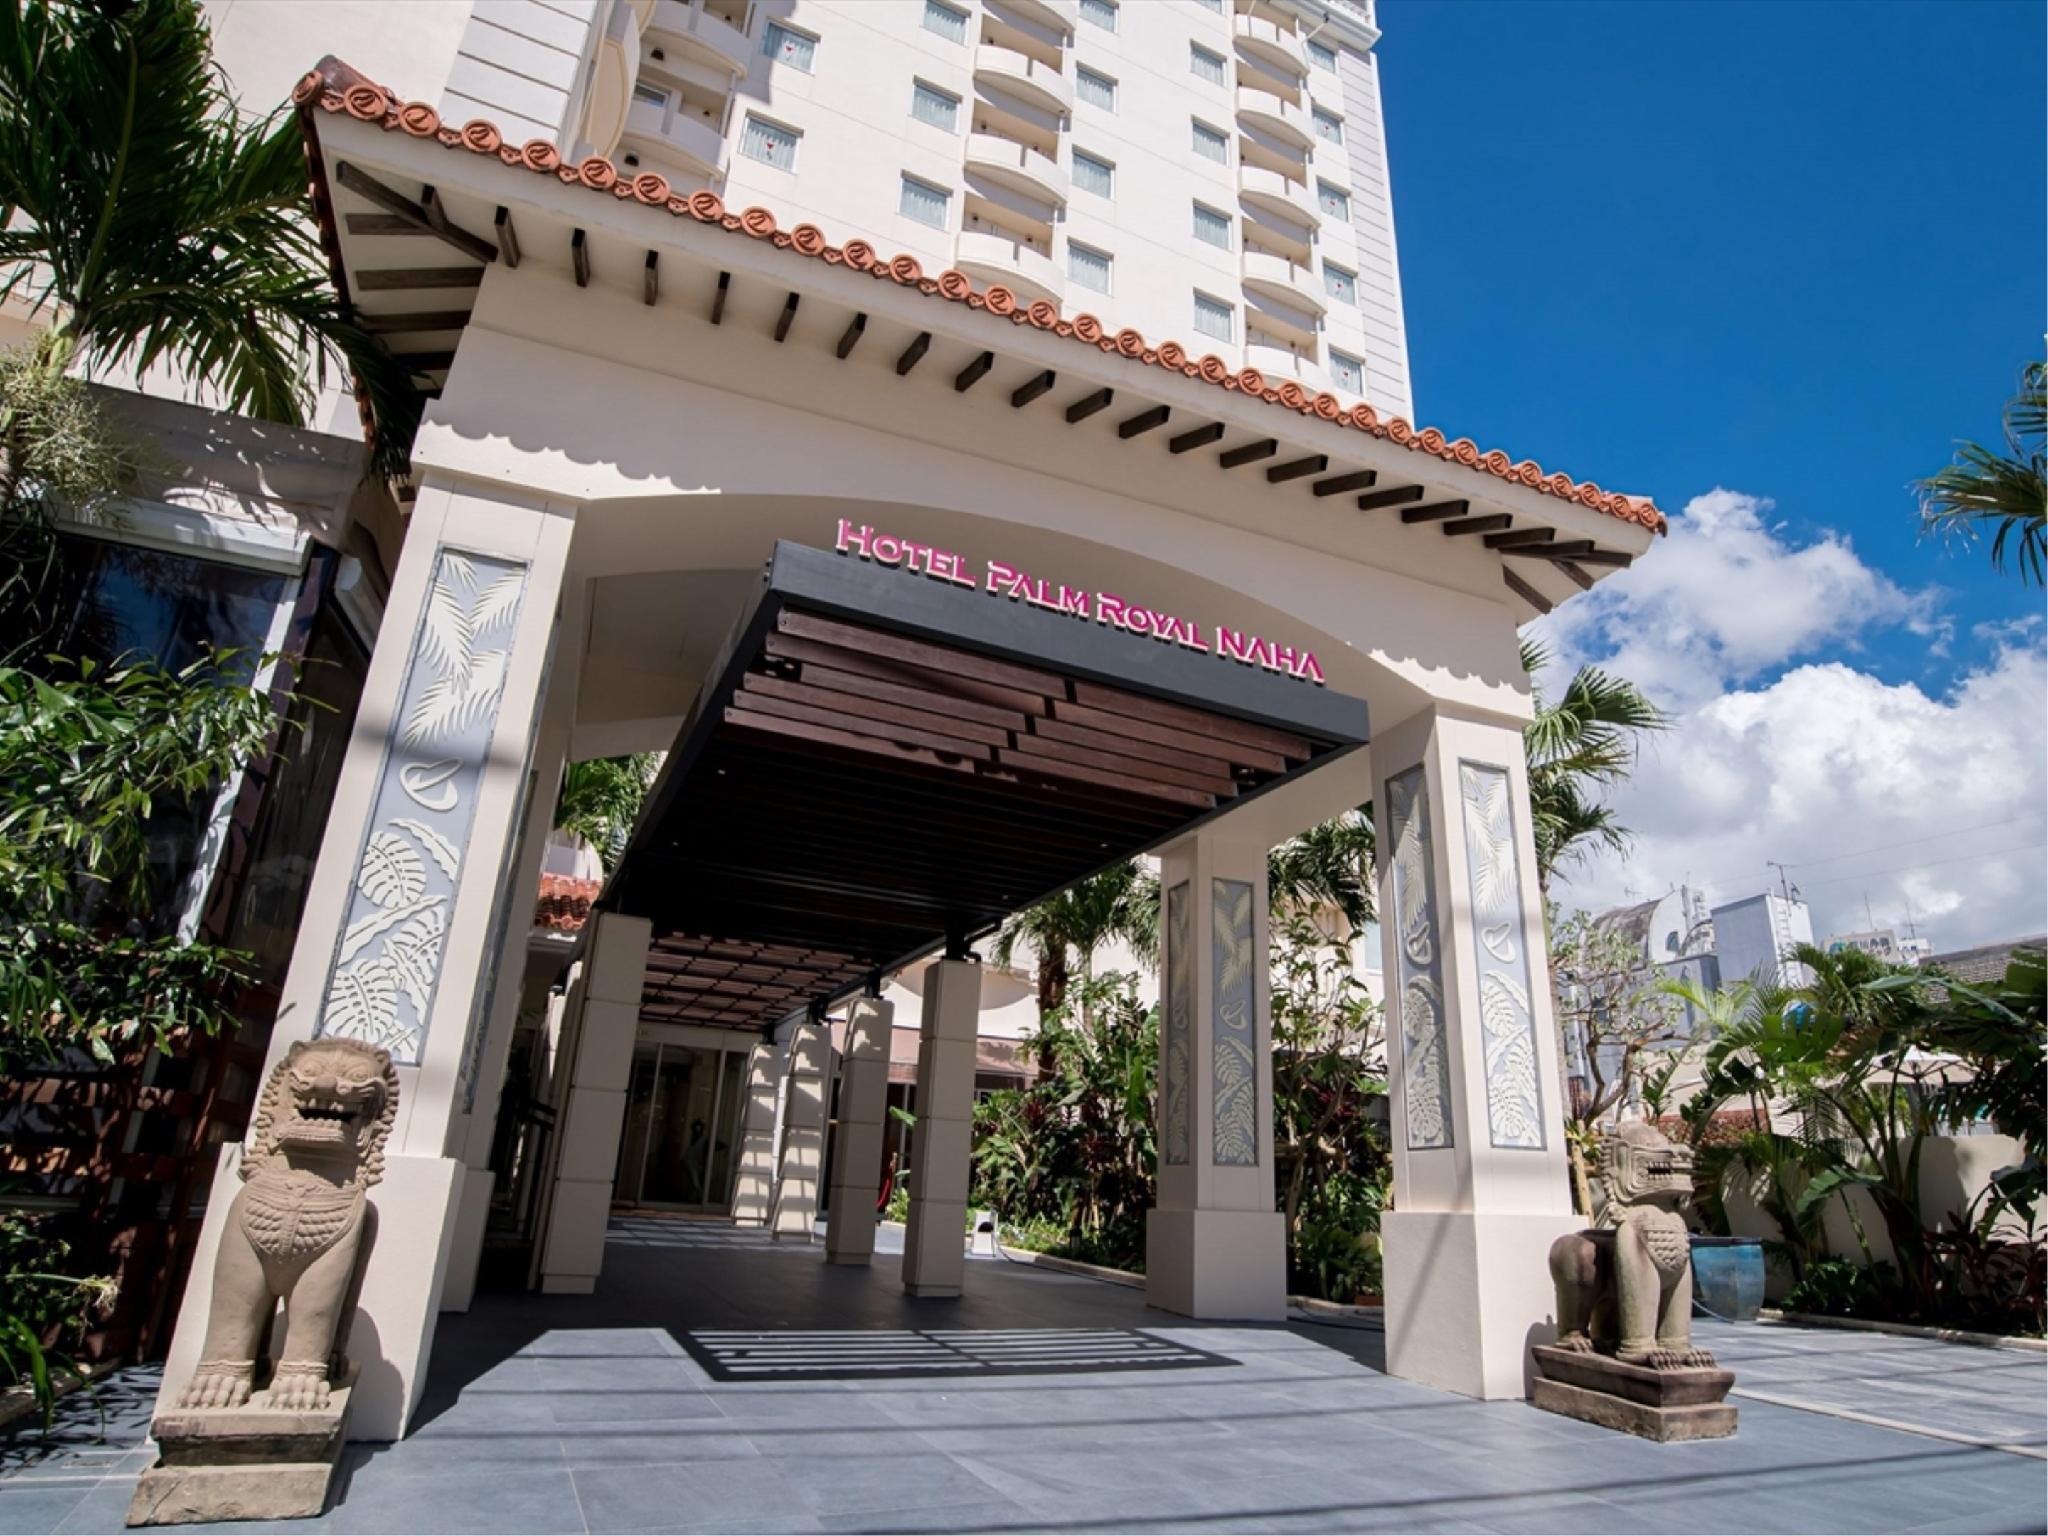 Hotel Palm Royal Naha Kokusai Dori